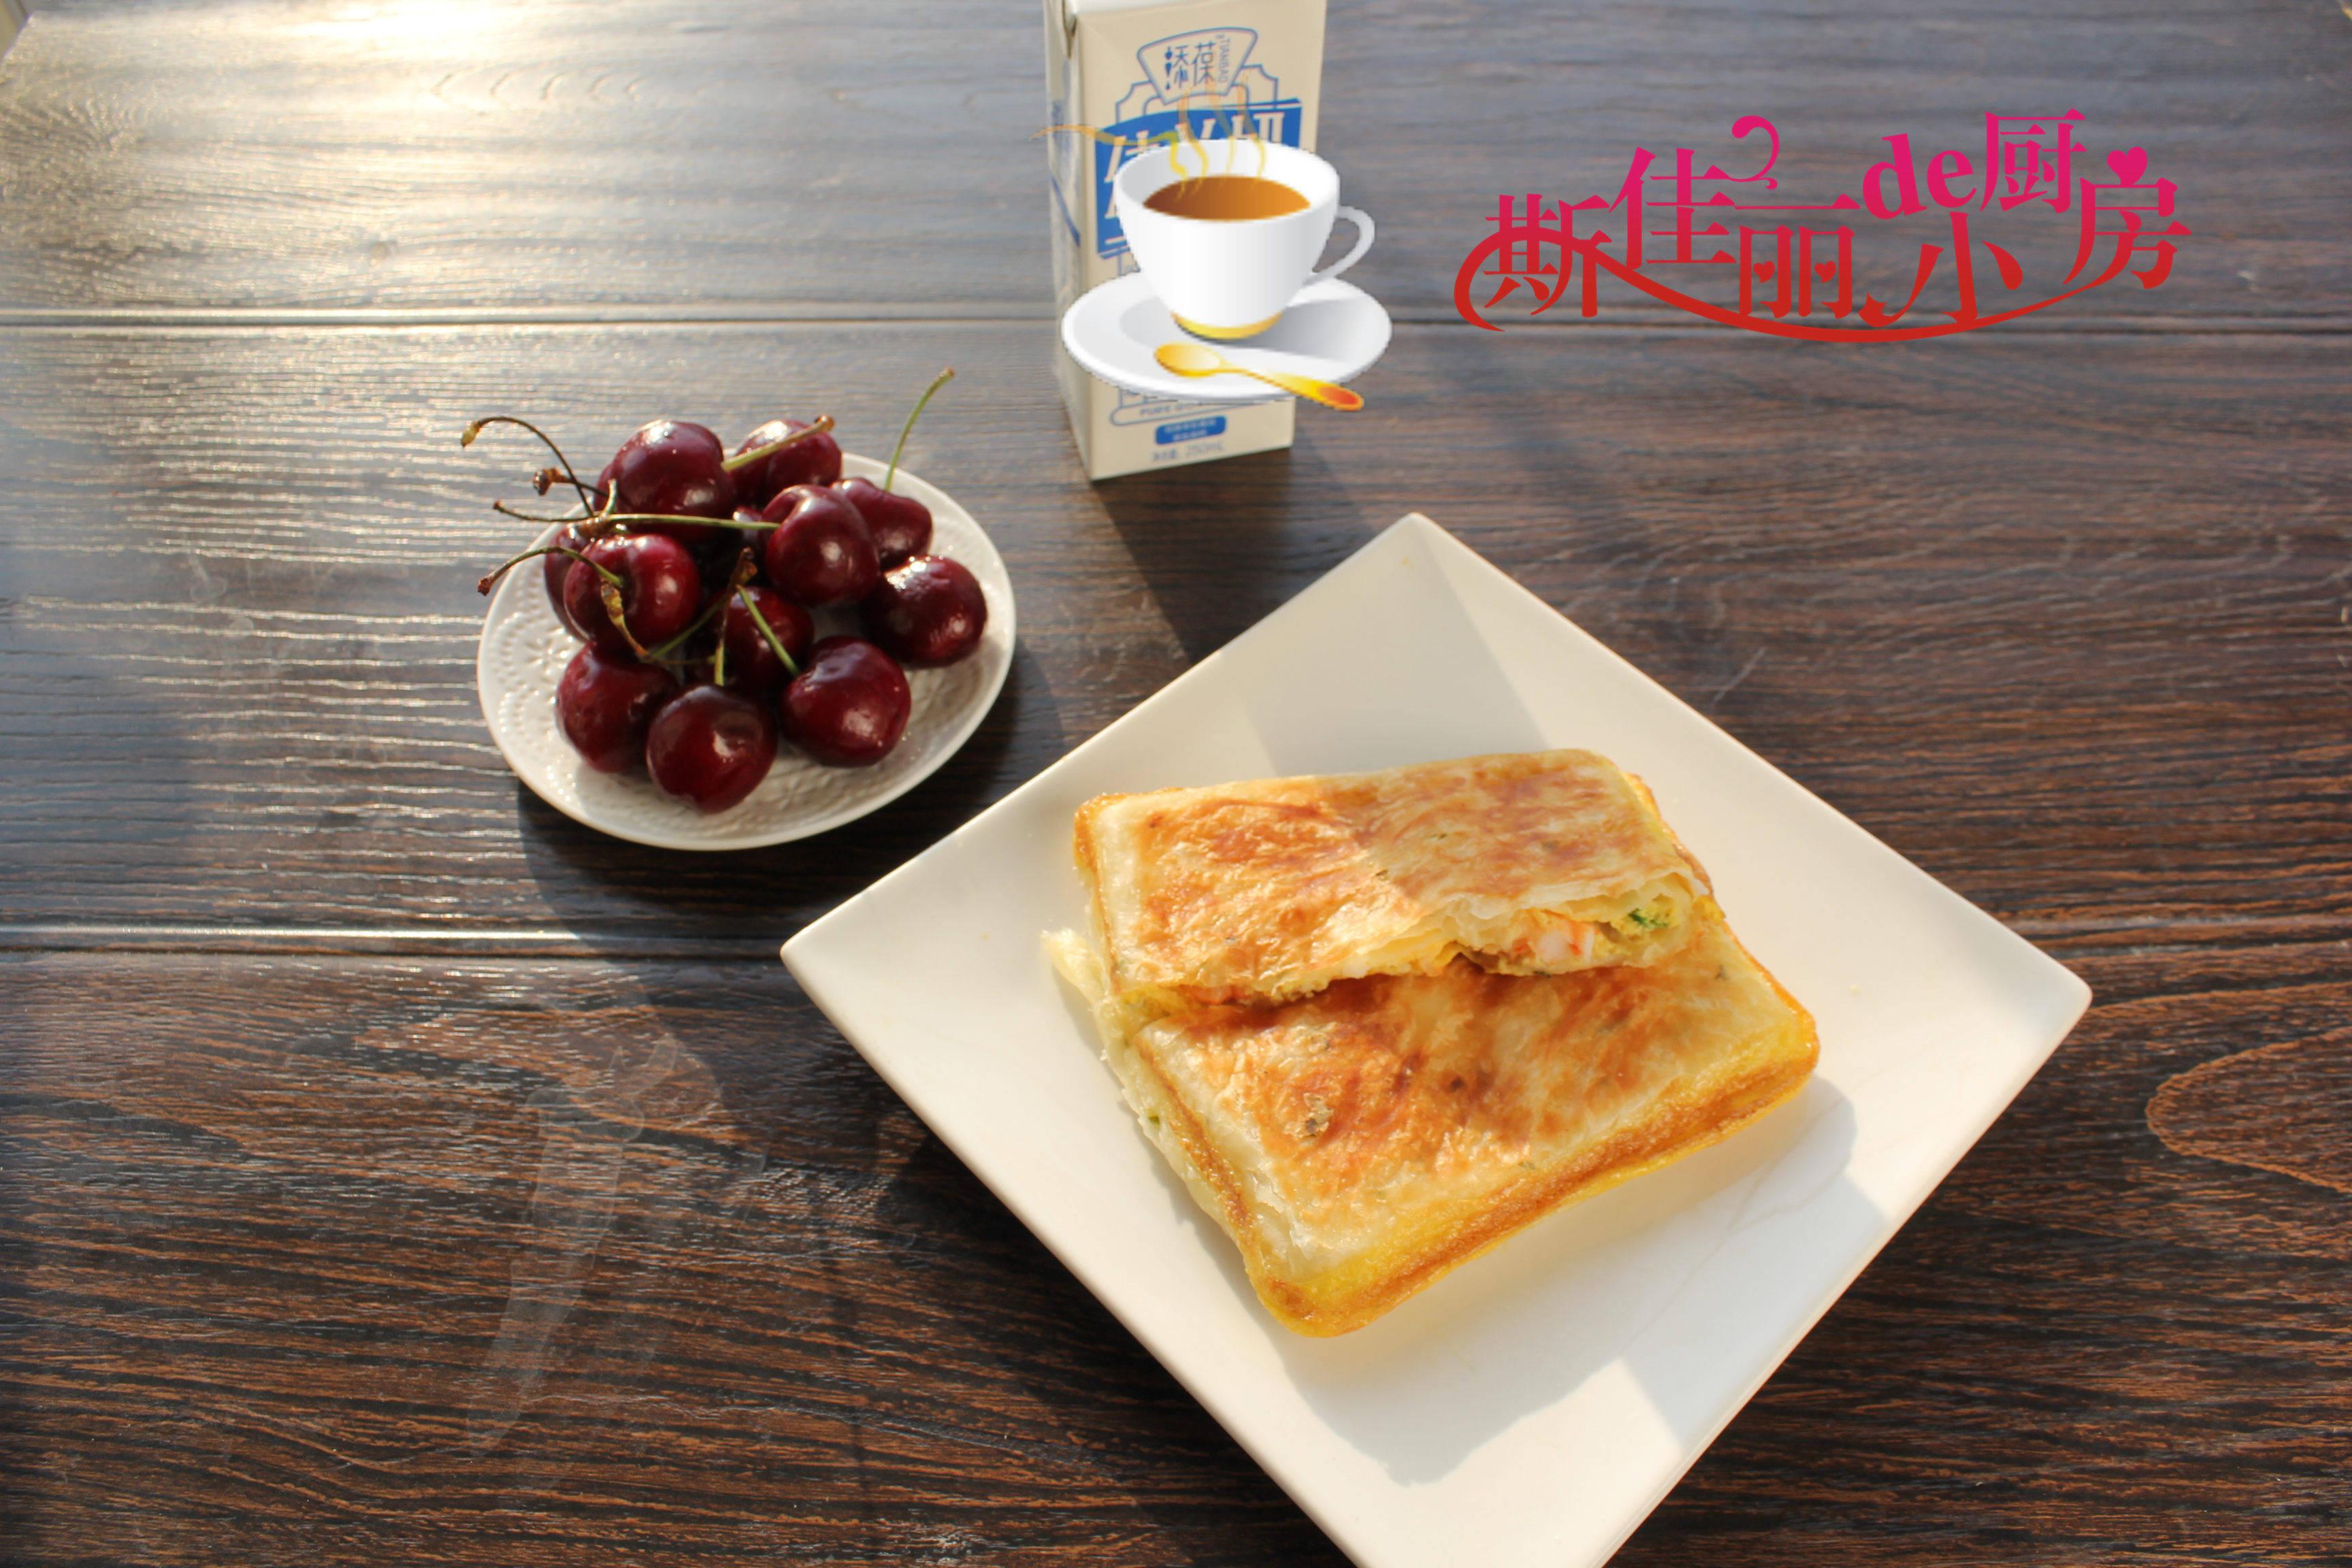 自从用它做早餐,孩子连吃一周都不腻,简单美味营养,香到骨子里